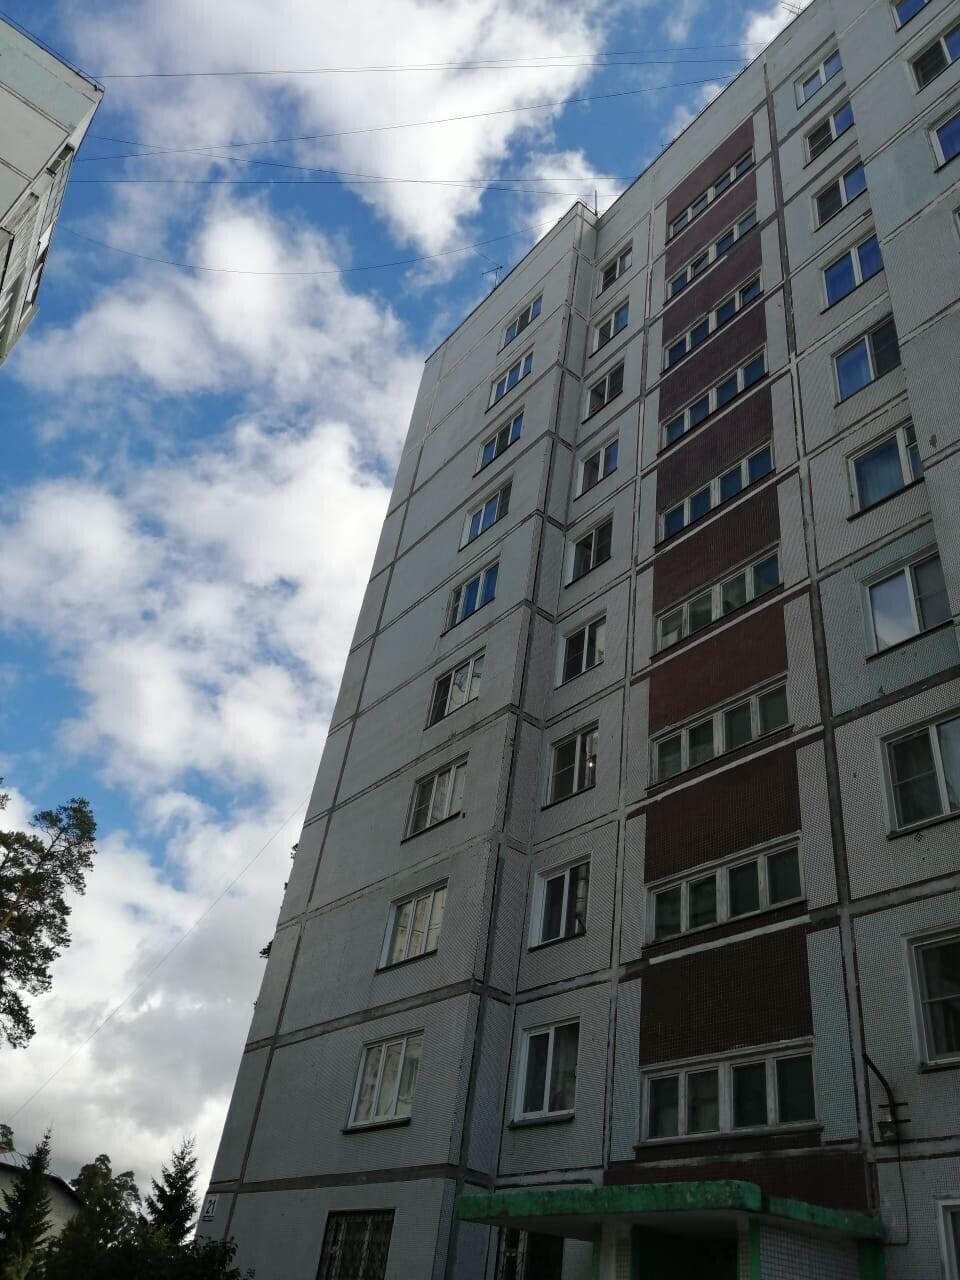 Бердск, Красный Сокол, 21, 1-комнатная квартира